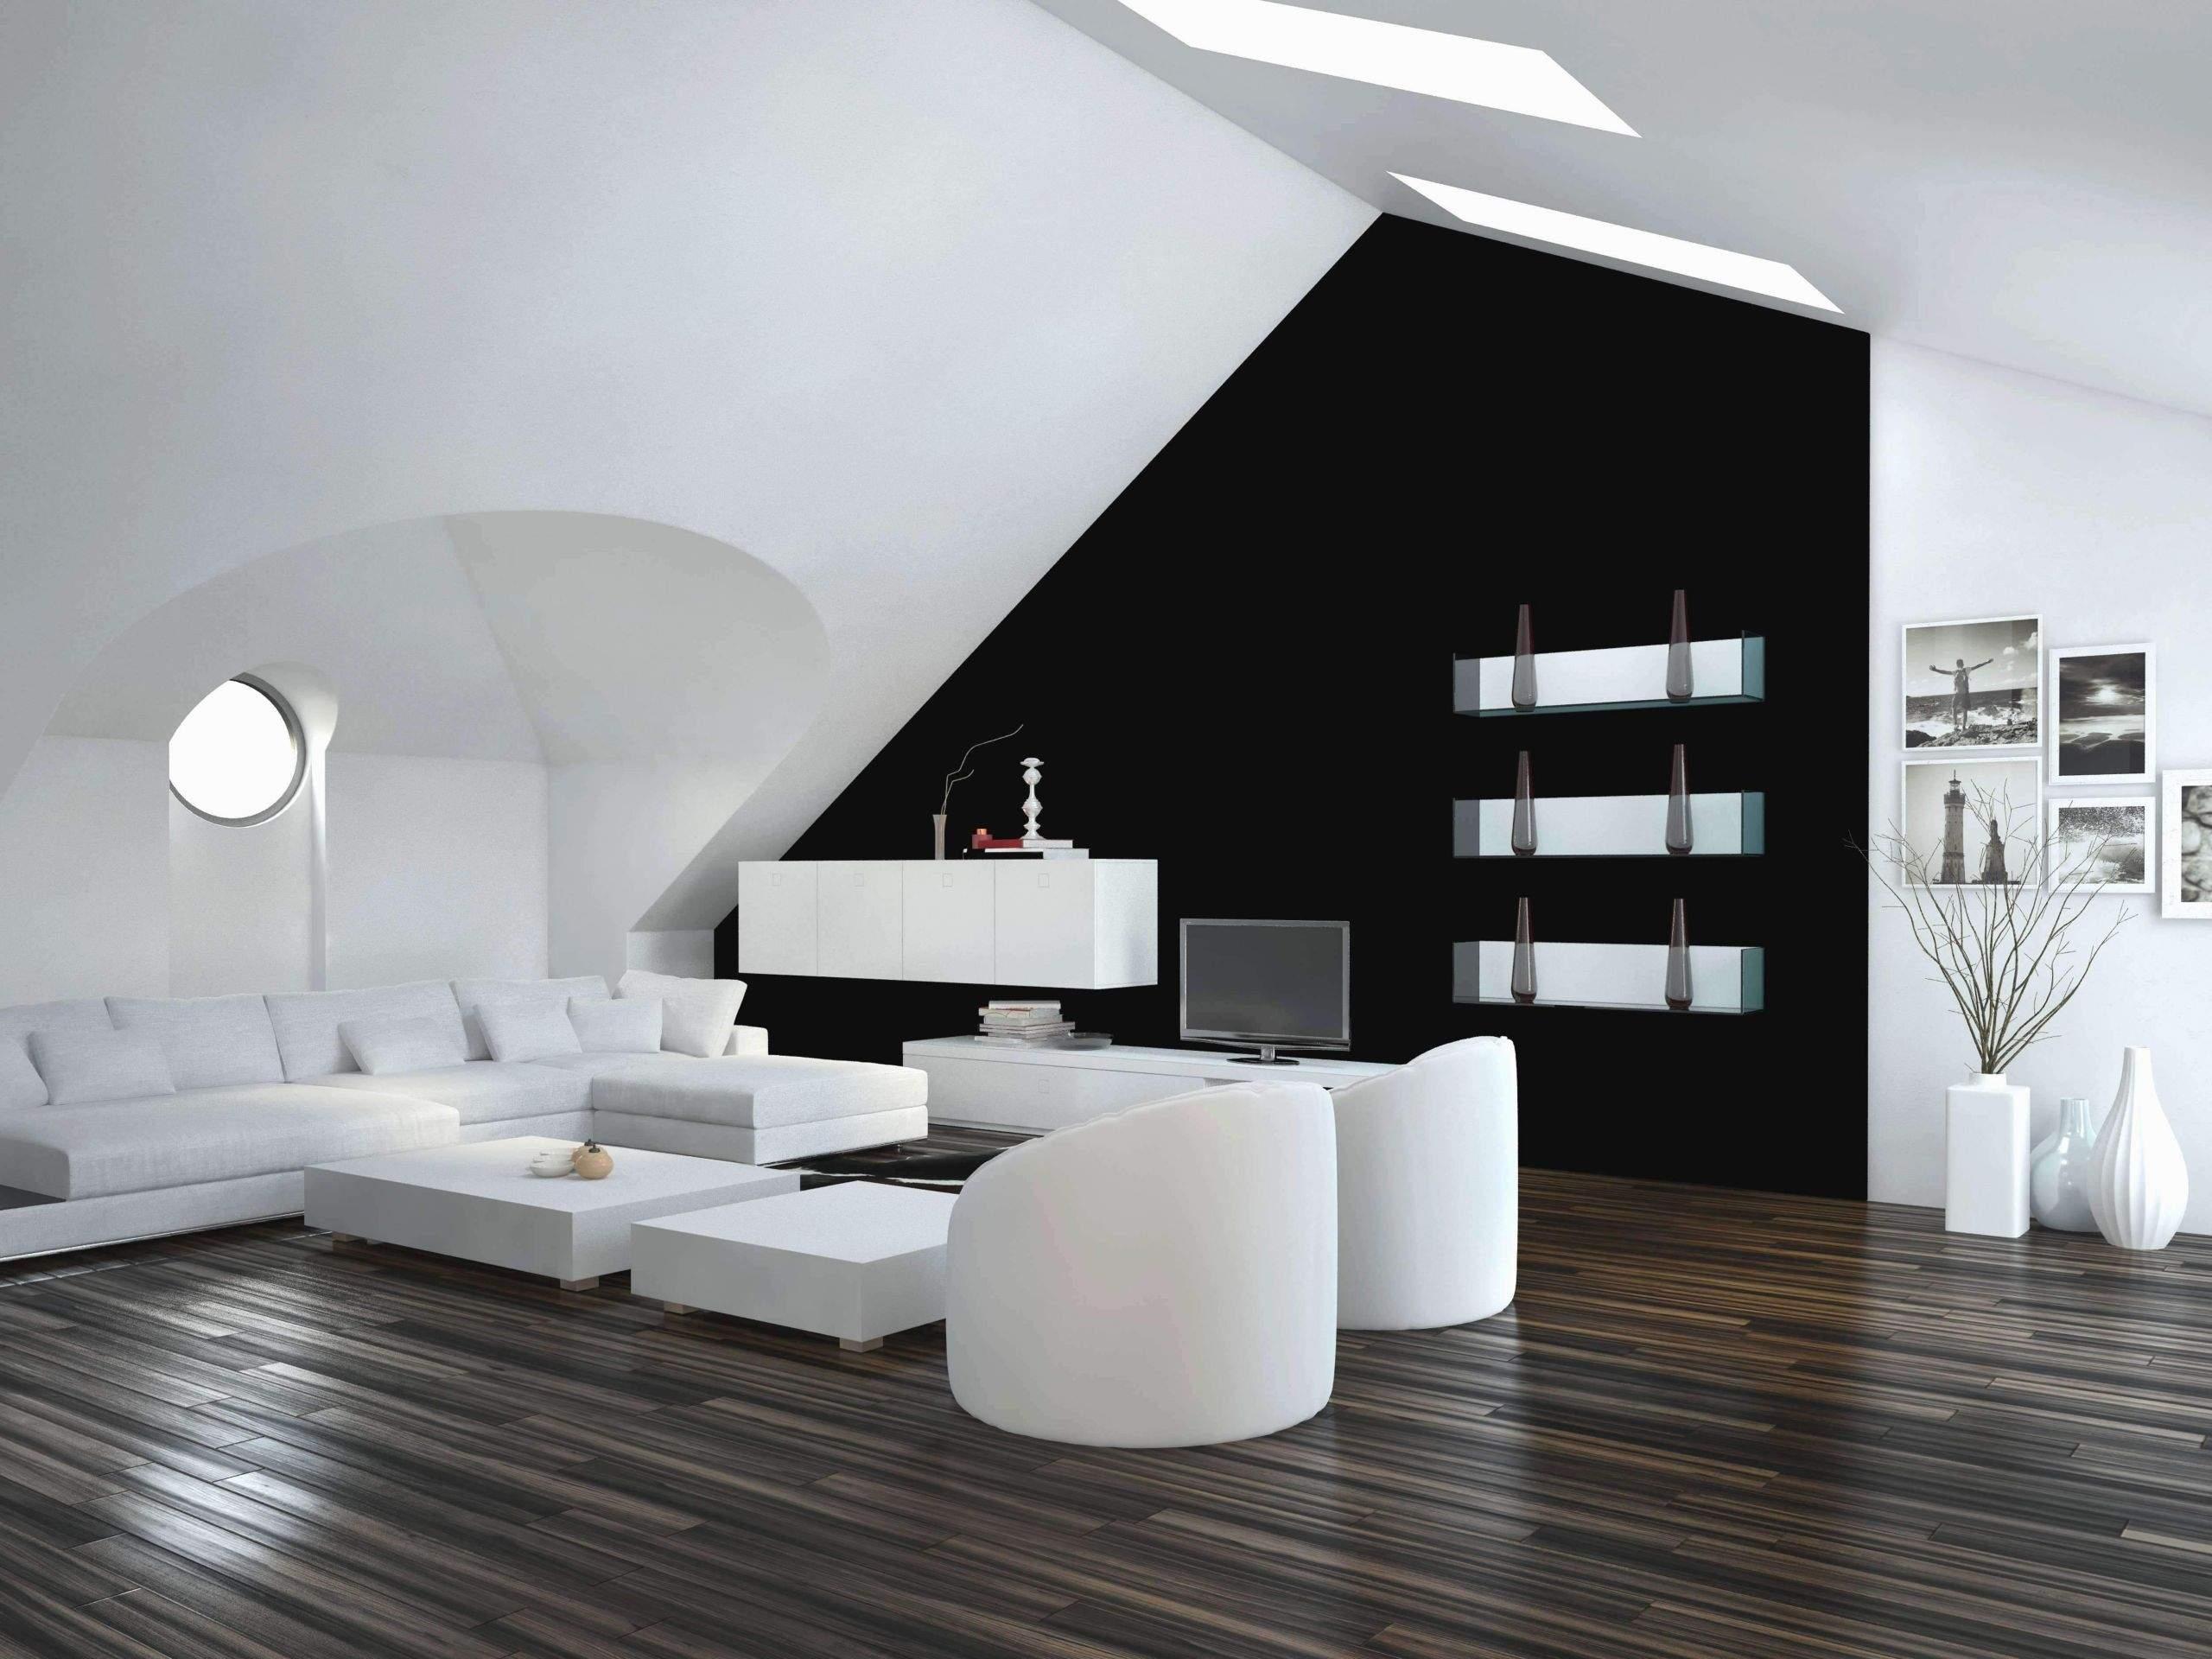 wohnzimmer deko ideen luxus wohnzimmer steinwand schon wohnzimmer deko ideen aktuelle of wohnzimmer deko ideen scaled